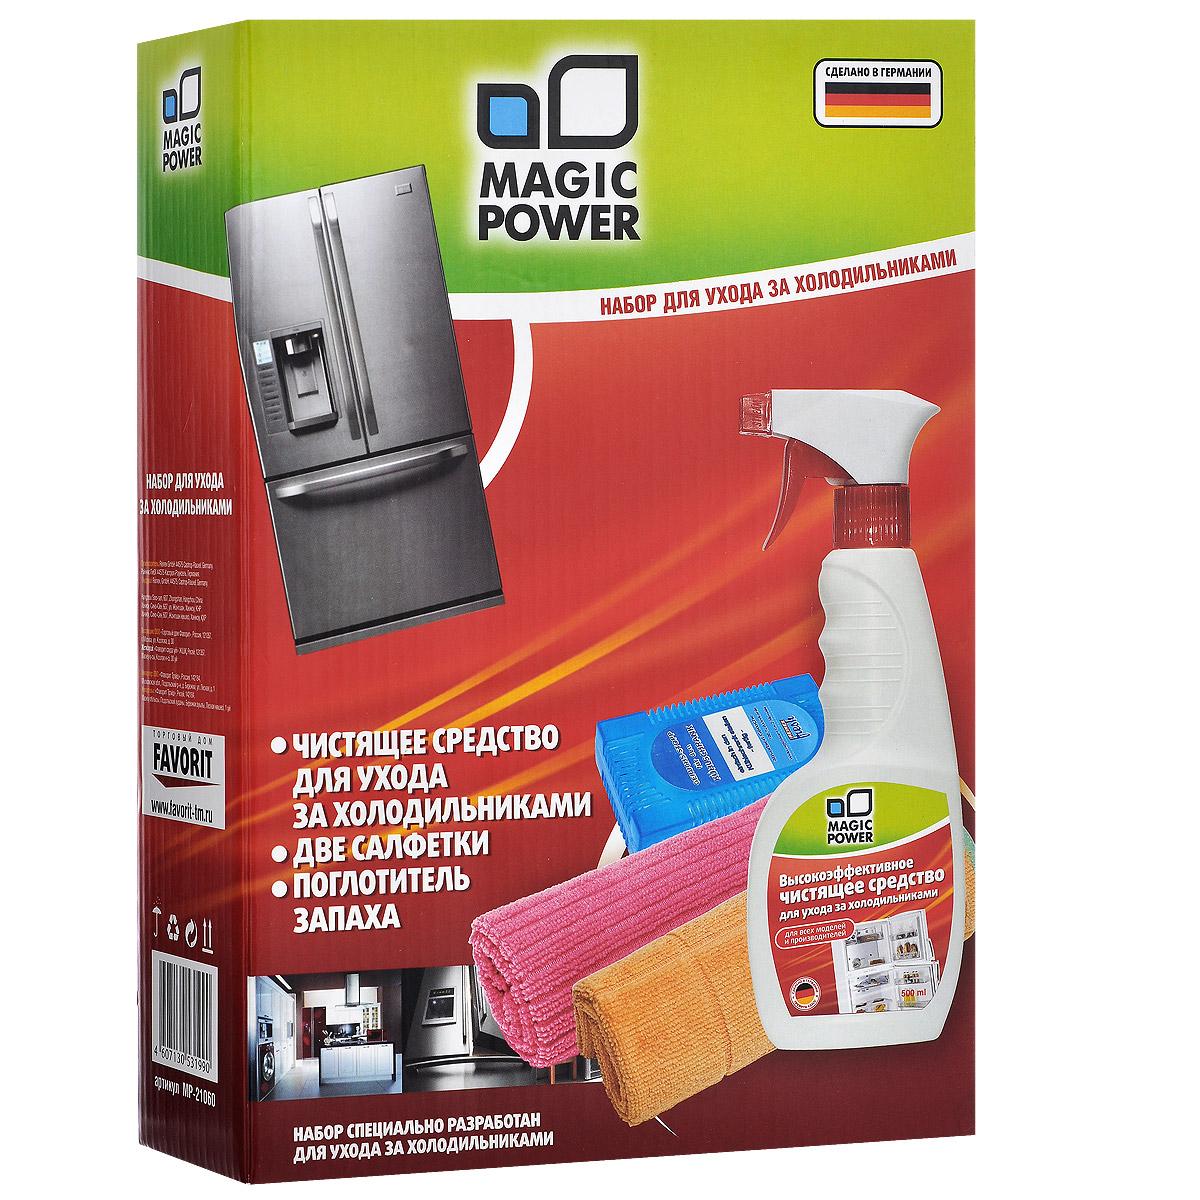 Набор для ухода за холодильниками Magic Power, 4 предмета391602Набор для ухода за холодильниками Magic Power состоит из чистящего средства, двухсалфеток и поглотителя запаха. Чистящее средство предназначено для очистки внутреннего и внешнего пространствахолодильника. Обладает антибактериальным действием, предотвращает образование плесени.Объем: 500 мл.Салфетка из микрофибры для ухода за холодильниками (35 см х 40 см) предназначена дляочистки внутренней и внешней поверхности холодильника от любых загрязнений, для полировкии придания блеска. Не оставляет разводов и ворсинок. Обладает повышенной прочностью. Салфетка из микрофибры для ухода за бытовой техникой (30 см х 30 см) быстро и легко удаляетлюбые загрязнения, не оставляет разводов и ворсинок, обладает повышенной прочностью,хорошо впитывает влагу. Можно использовать как самостоятельно, так и с любым средством поуходу за бытовой техникой. Высокоэффективное средство для поглощения запахов в холодильнике содержит гранулыактивированного угля, являющегося лучшим из адсорбентов. Активированный уголь способенполностью поглощать неприятные запахи, даже таких продуктов, как чеснок, лук, сыр, рыба и т.д.,не выделяя собственных запахов. Не воздействует на продукты, сохраняя их натуральныеароматы. В наборе Magic Power есть все необходимое для очистки внутреннего и внешнего пространствахолодильника.Товар сертифицирован.